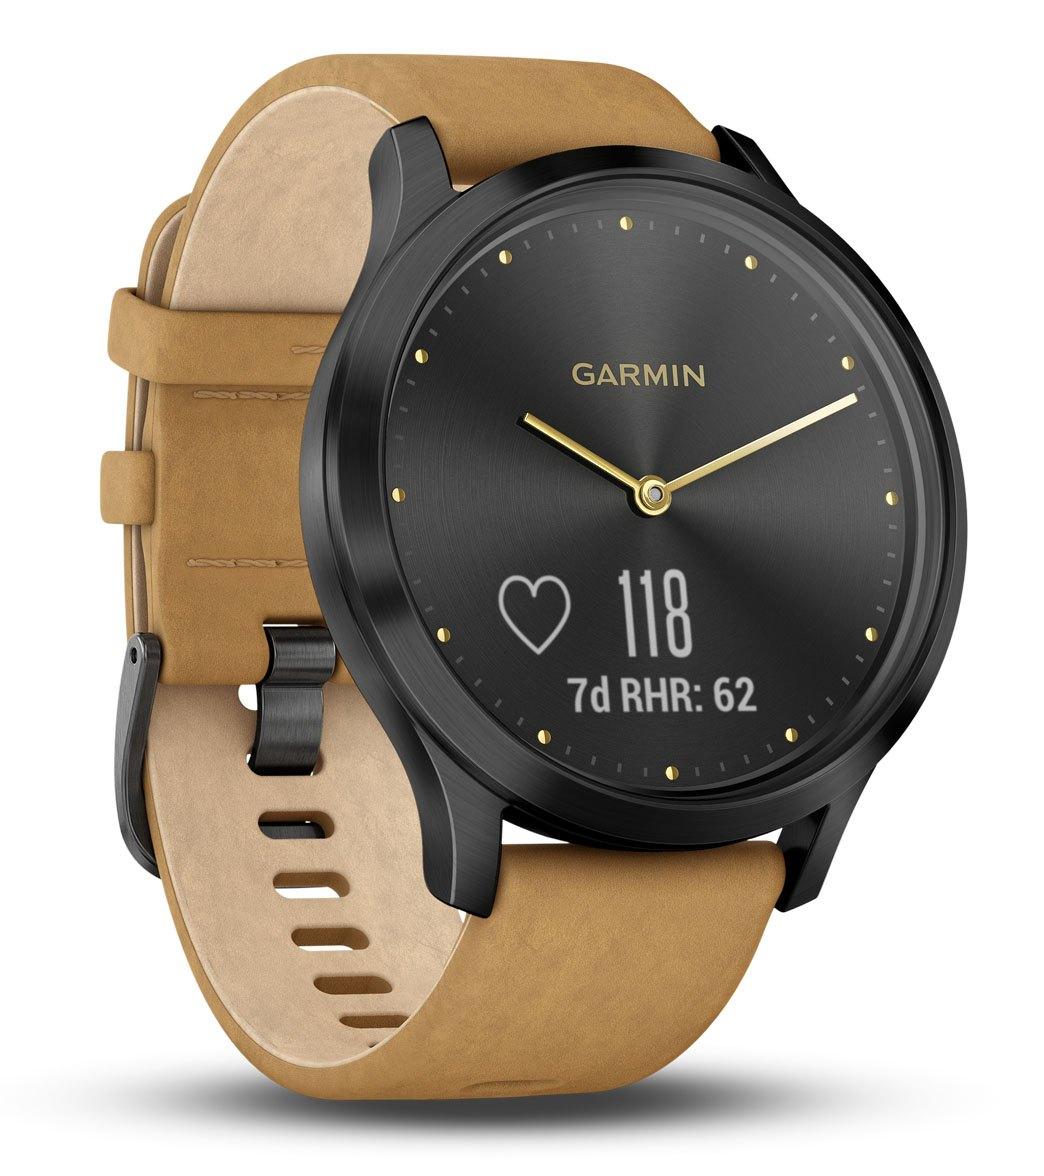 Garmin Vivomove HR Premium Hybrid Smart Watch